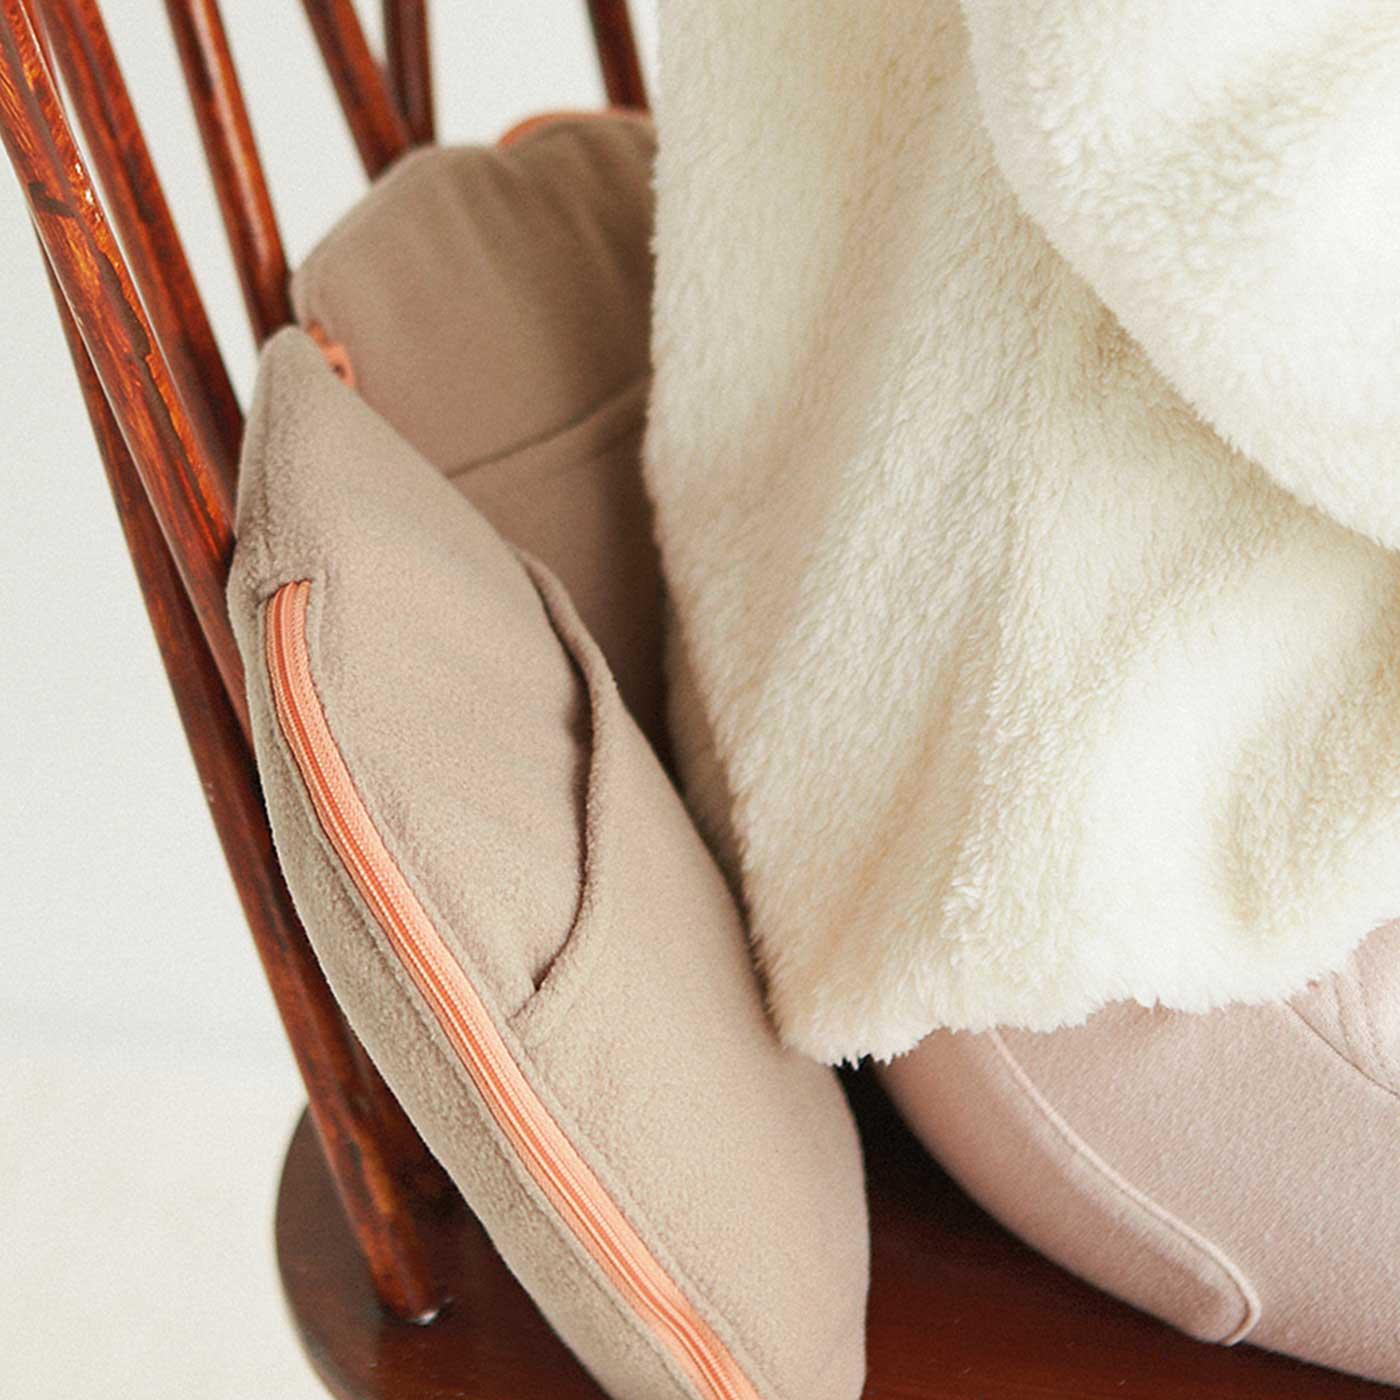 いすと腰の間に挟めば、からだに沿いやすく広い面もぬくぬく。